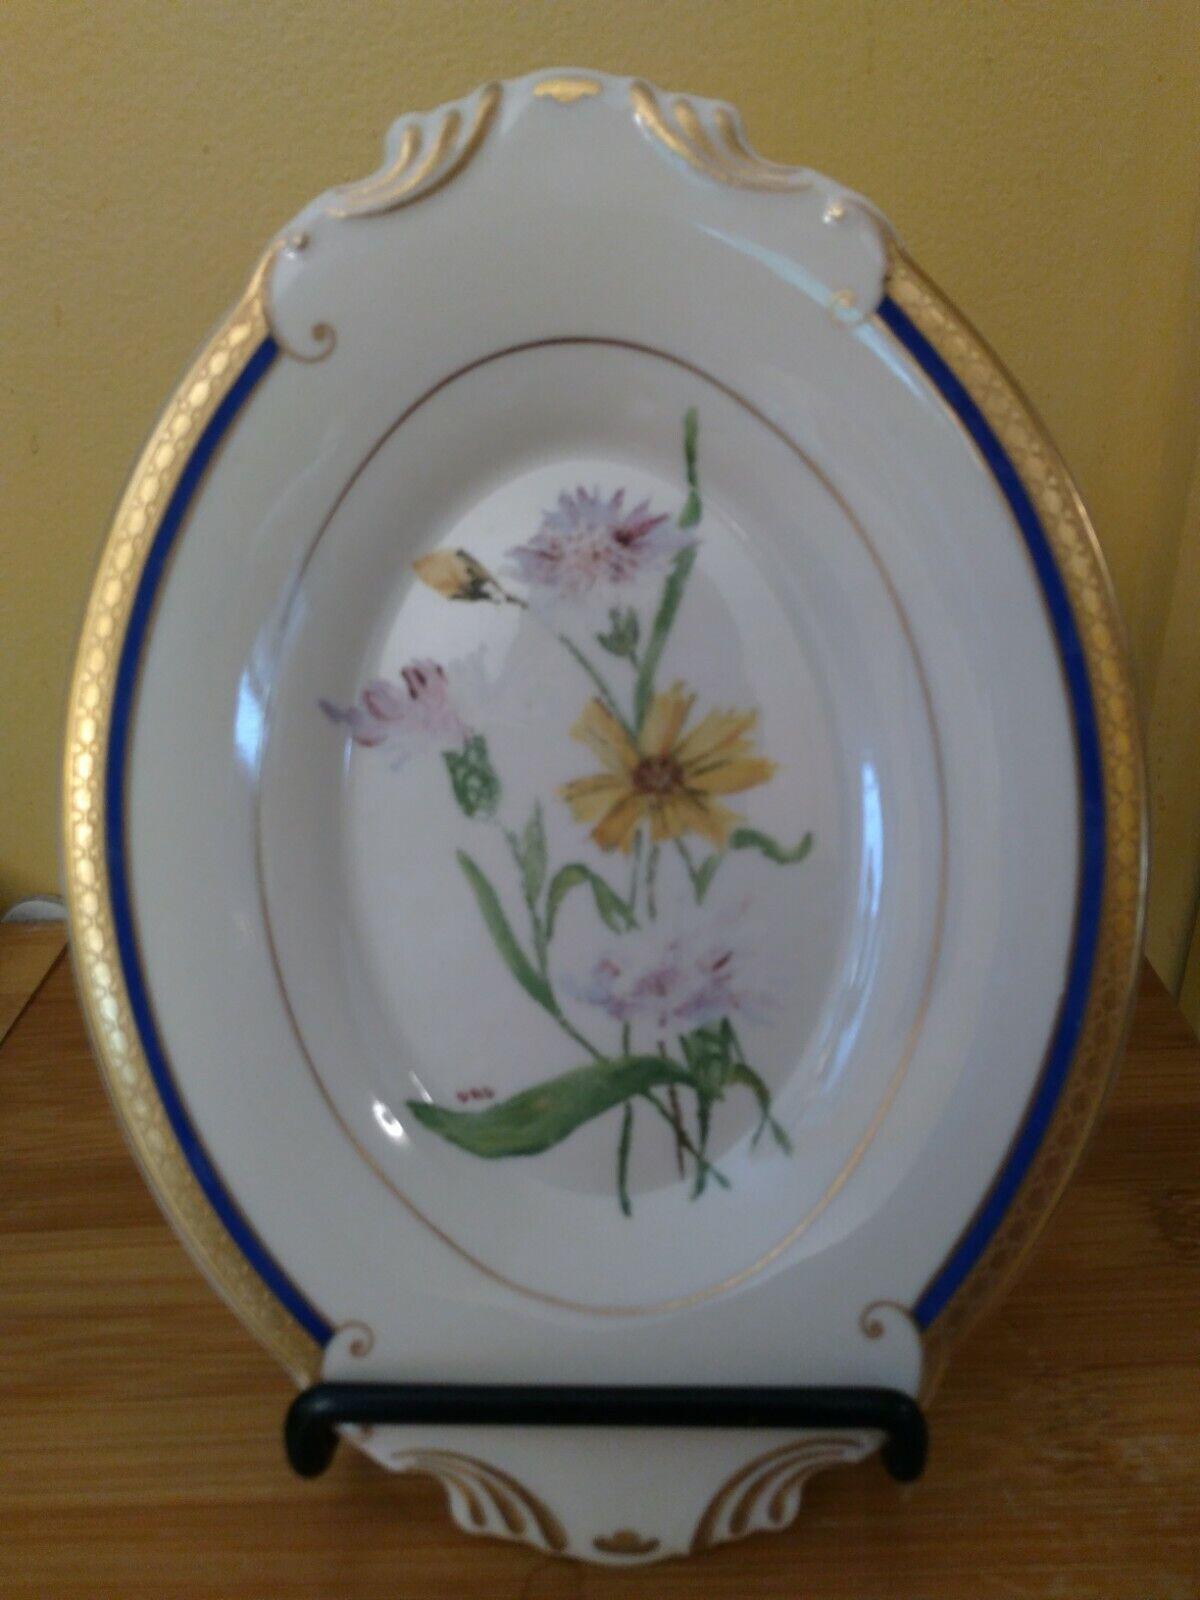 Syracuse China Old Ivory WAYNE Blue RELISH Under PLATE HANDPAINTED SIGNED No. 8 - $9.99